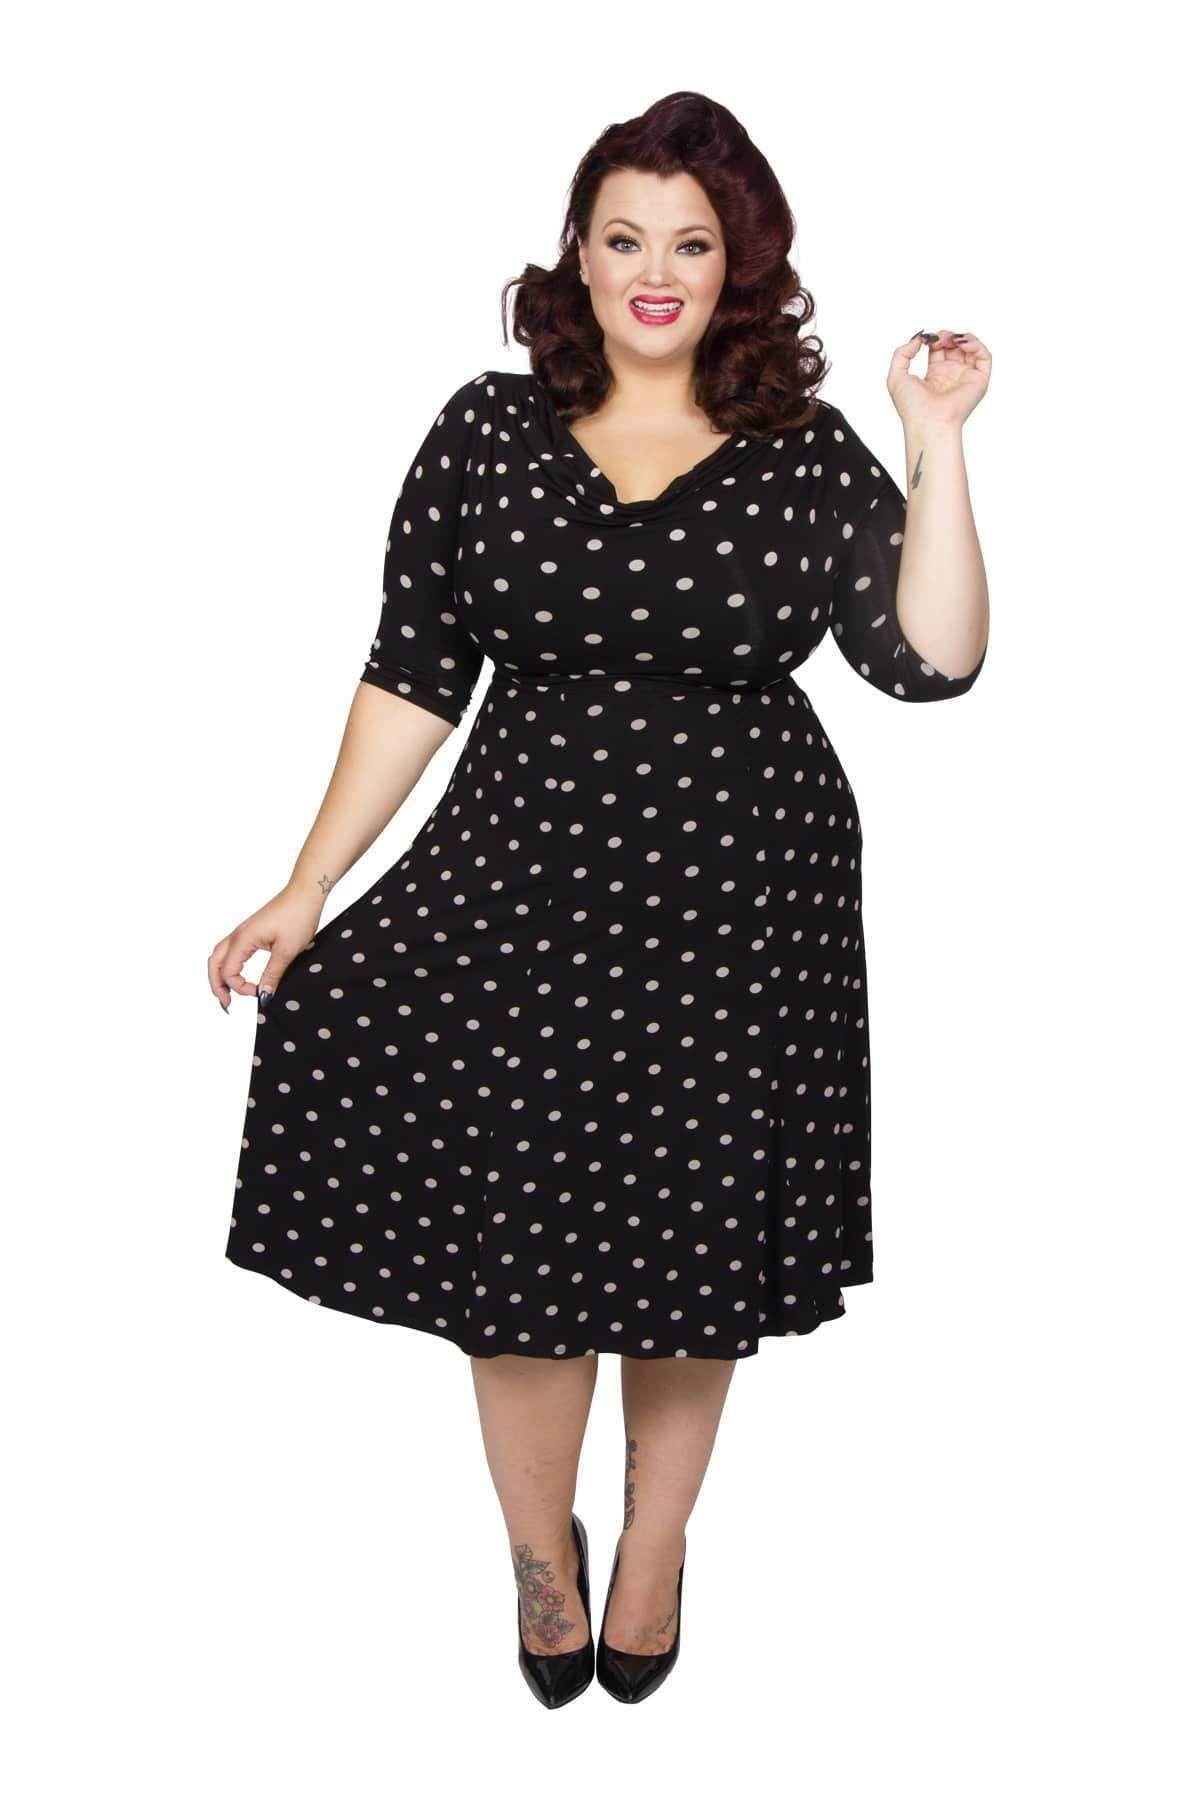 Vintage Style 1940s Plus Size Dresses Plus Size Dresses Swing Dress Style Plus Size Vintage Dresses